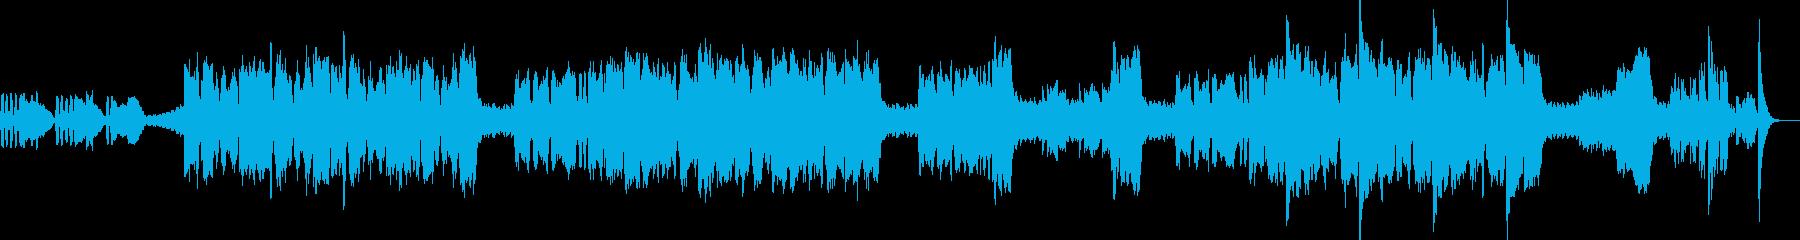 ビデオゲームメインタイトルテーマS...の再生済みの波形